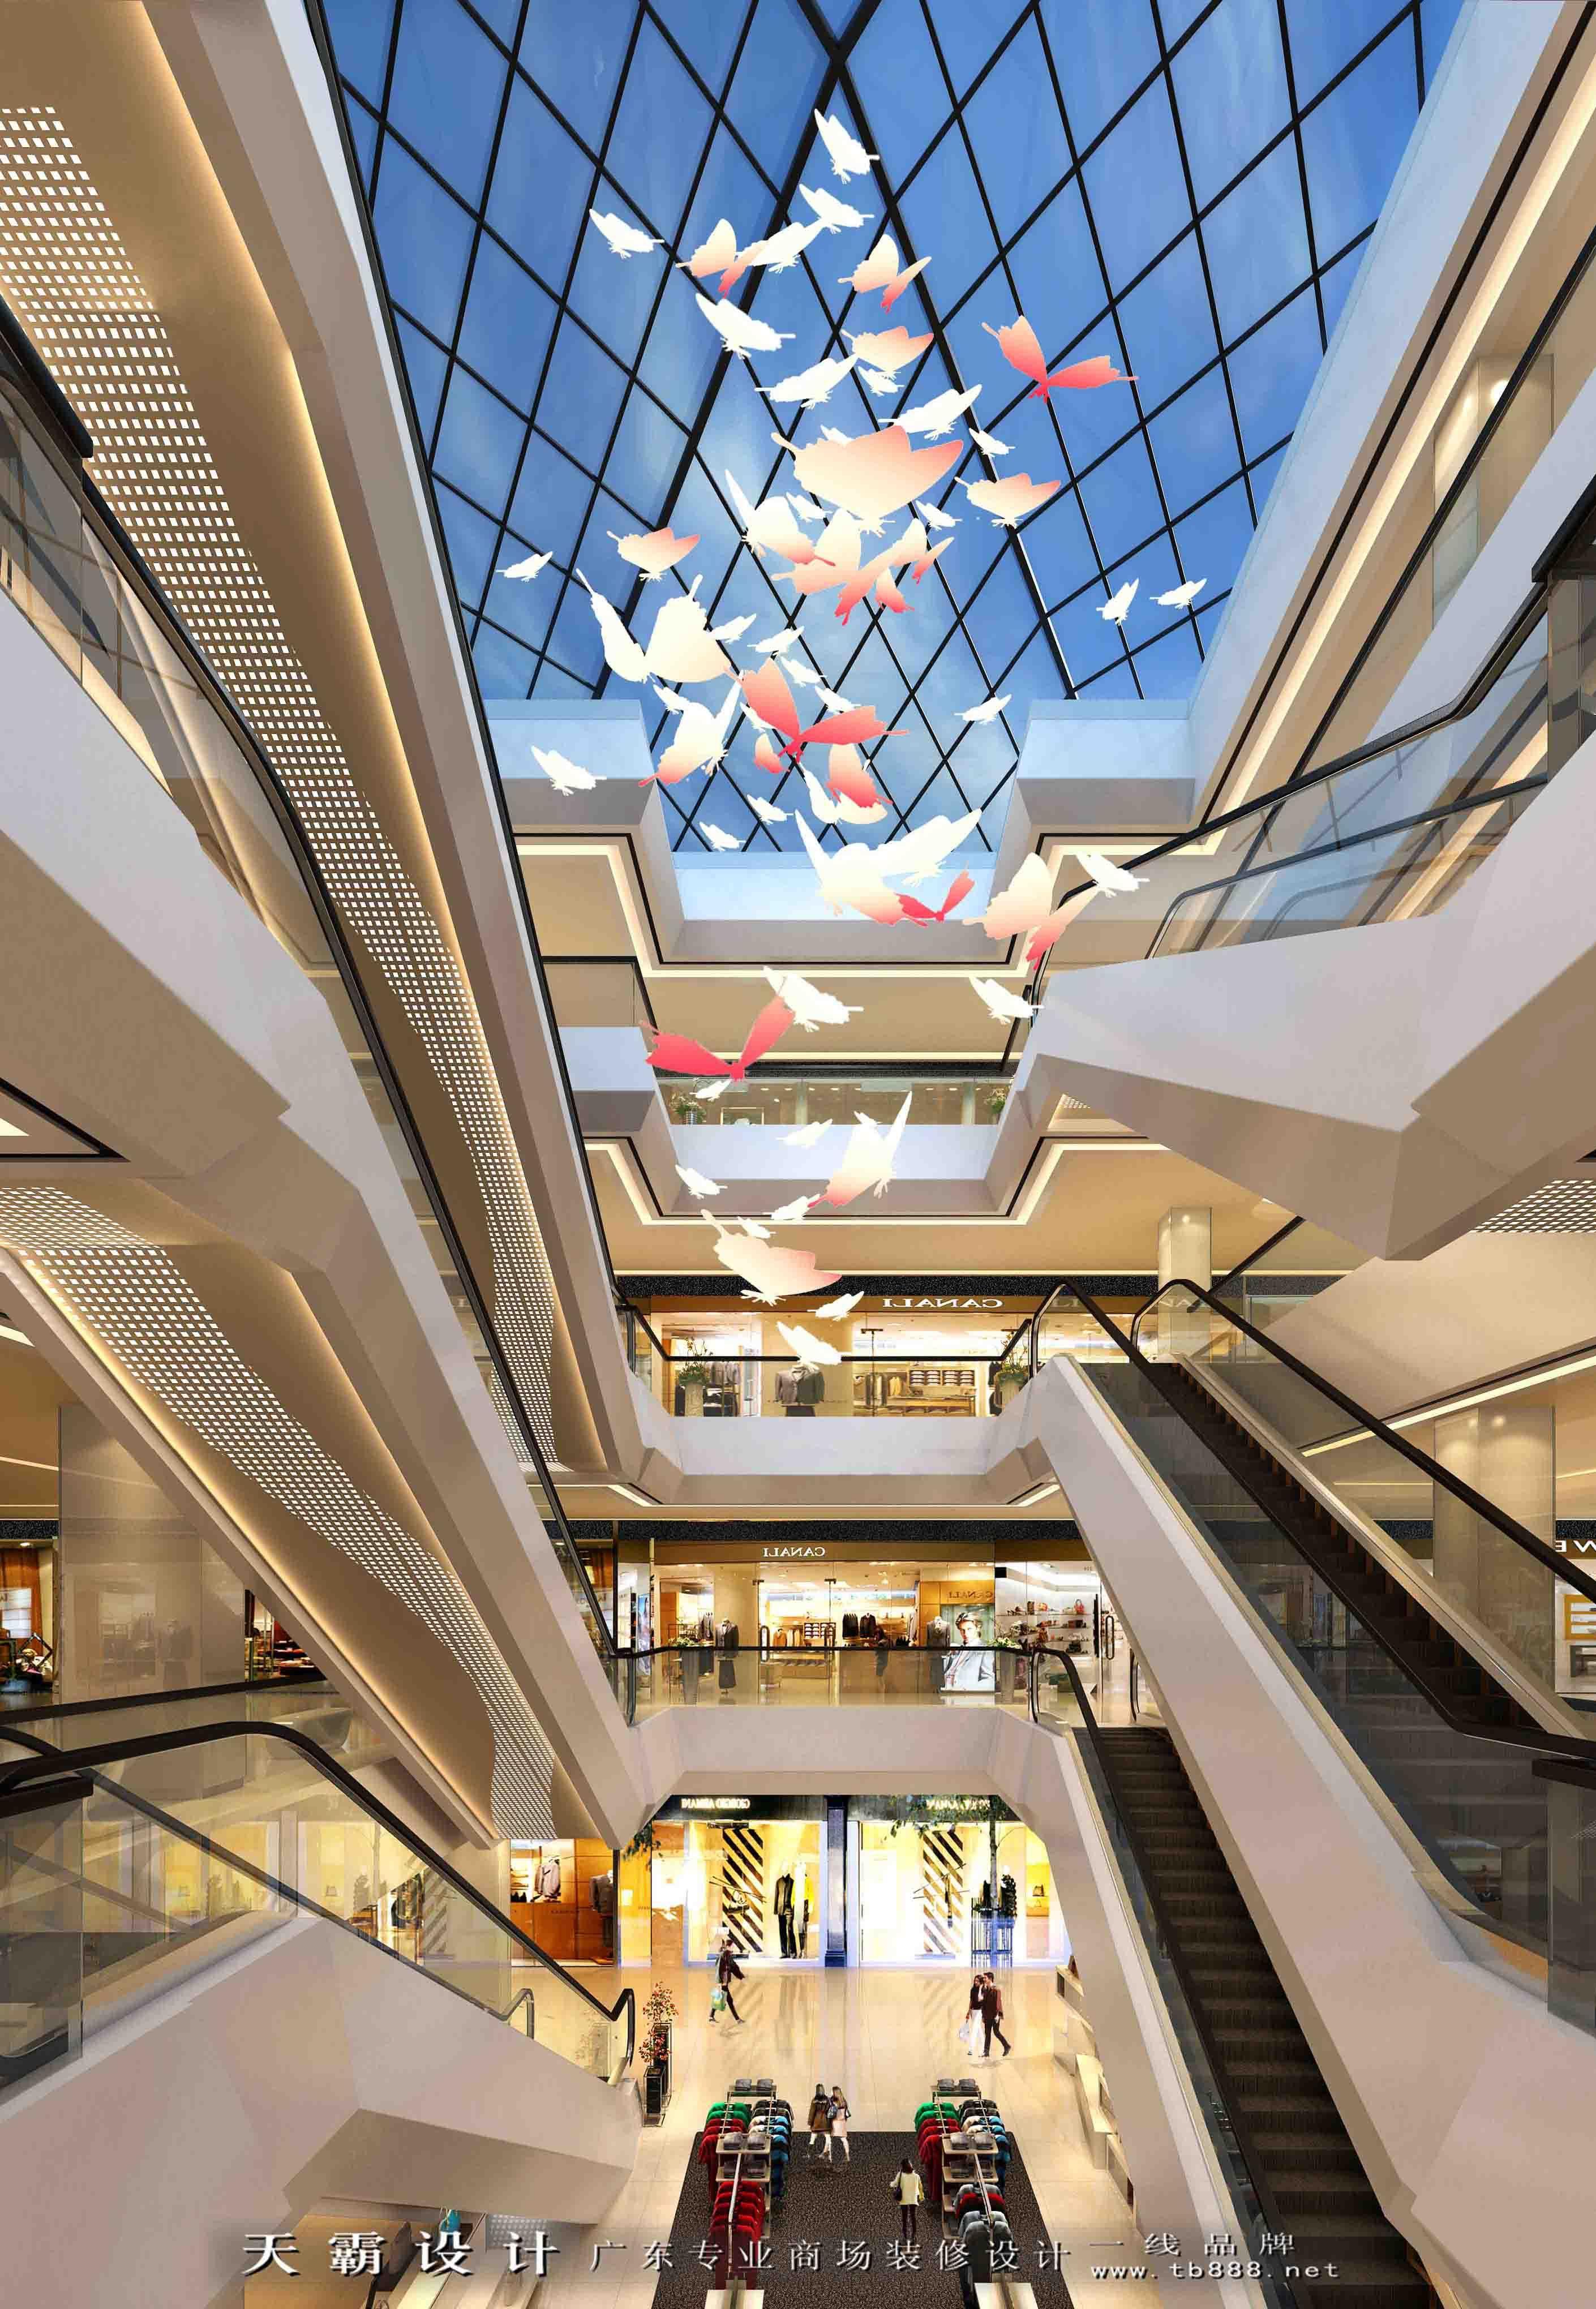 可持续理念下的商场设计效果图分享|空间|建筑设计|j